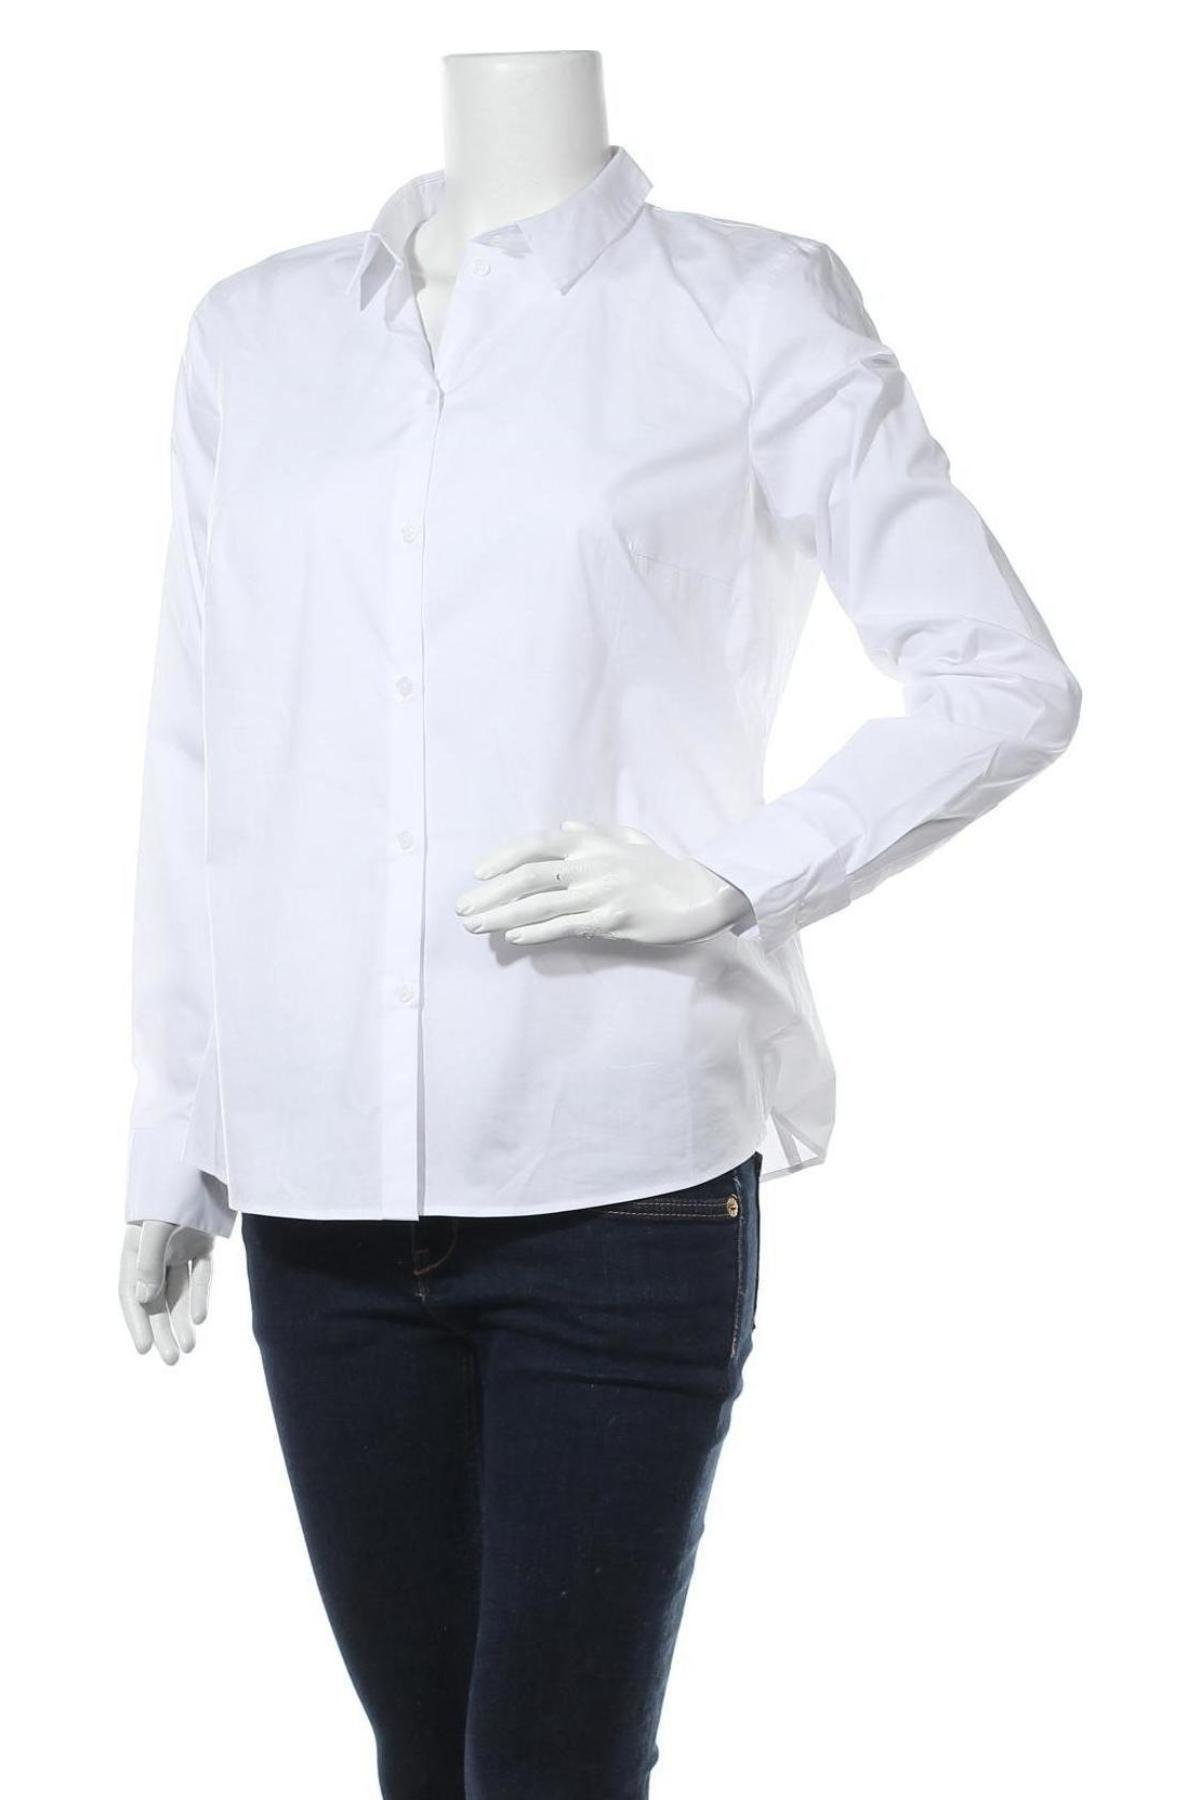 Дамска риза Jake*s, Размер L, Цвят Бял, 73% памук, 23% полиестер, 4% еластан, Цена 42,00лв.